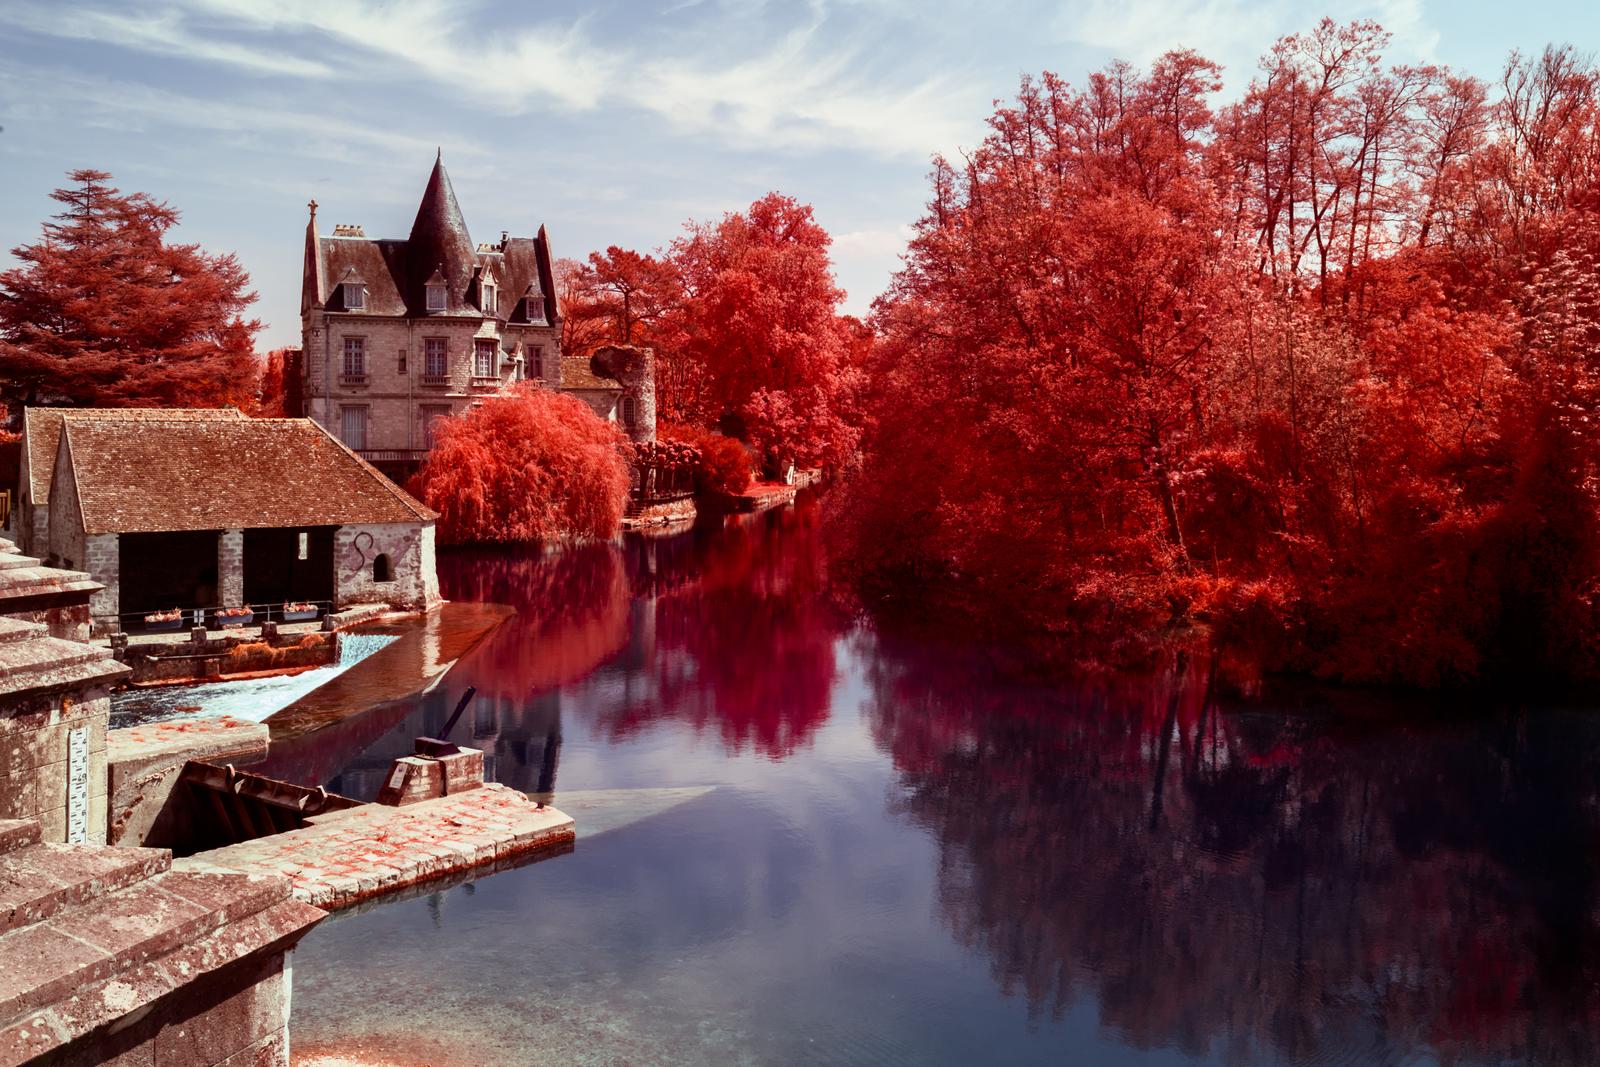 Résultat final d'un traitement en aerochrome numérique, présentant le moulin de Moret sur Loing entouré de végétation rouge. Photographie en infrarouge réalisée par Pierre-Louis Ferrer.